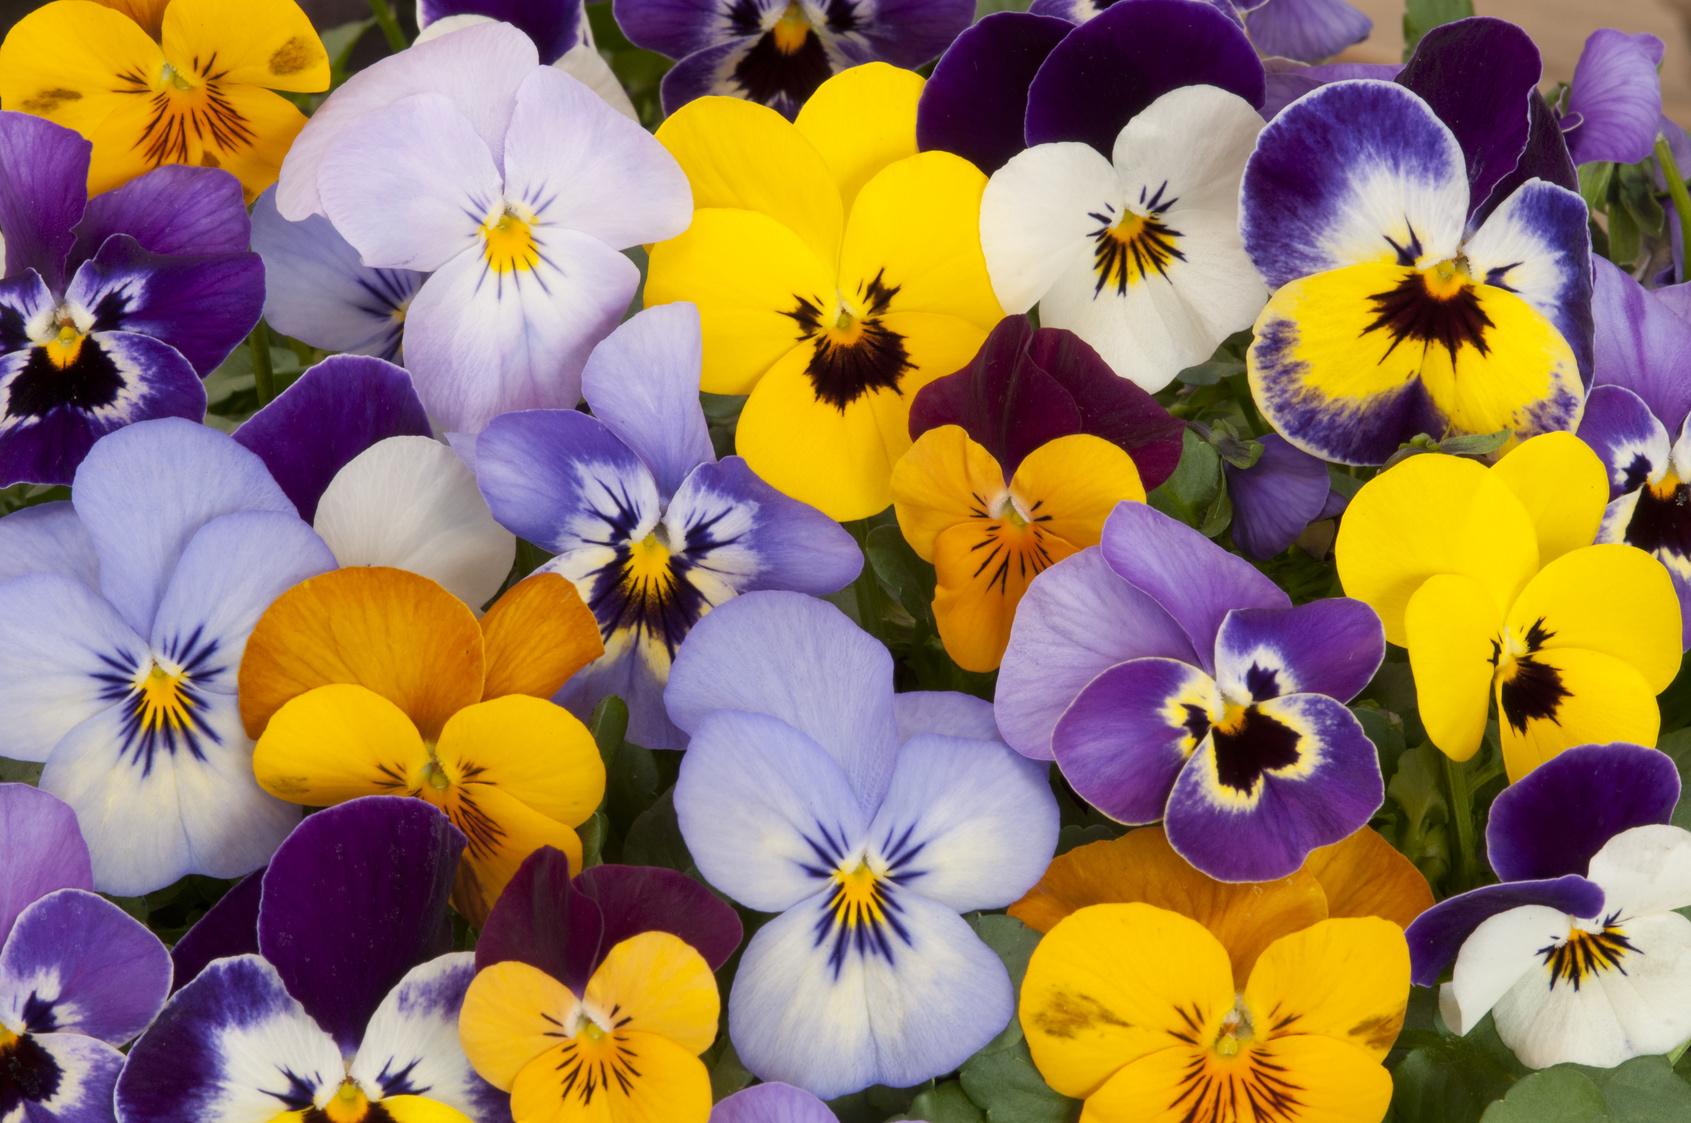 Quelles fleurs r sistent l 39 hiver - Pensee fleur vivace ou annuelle ...